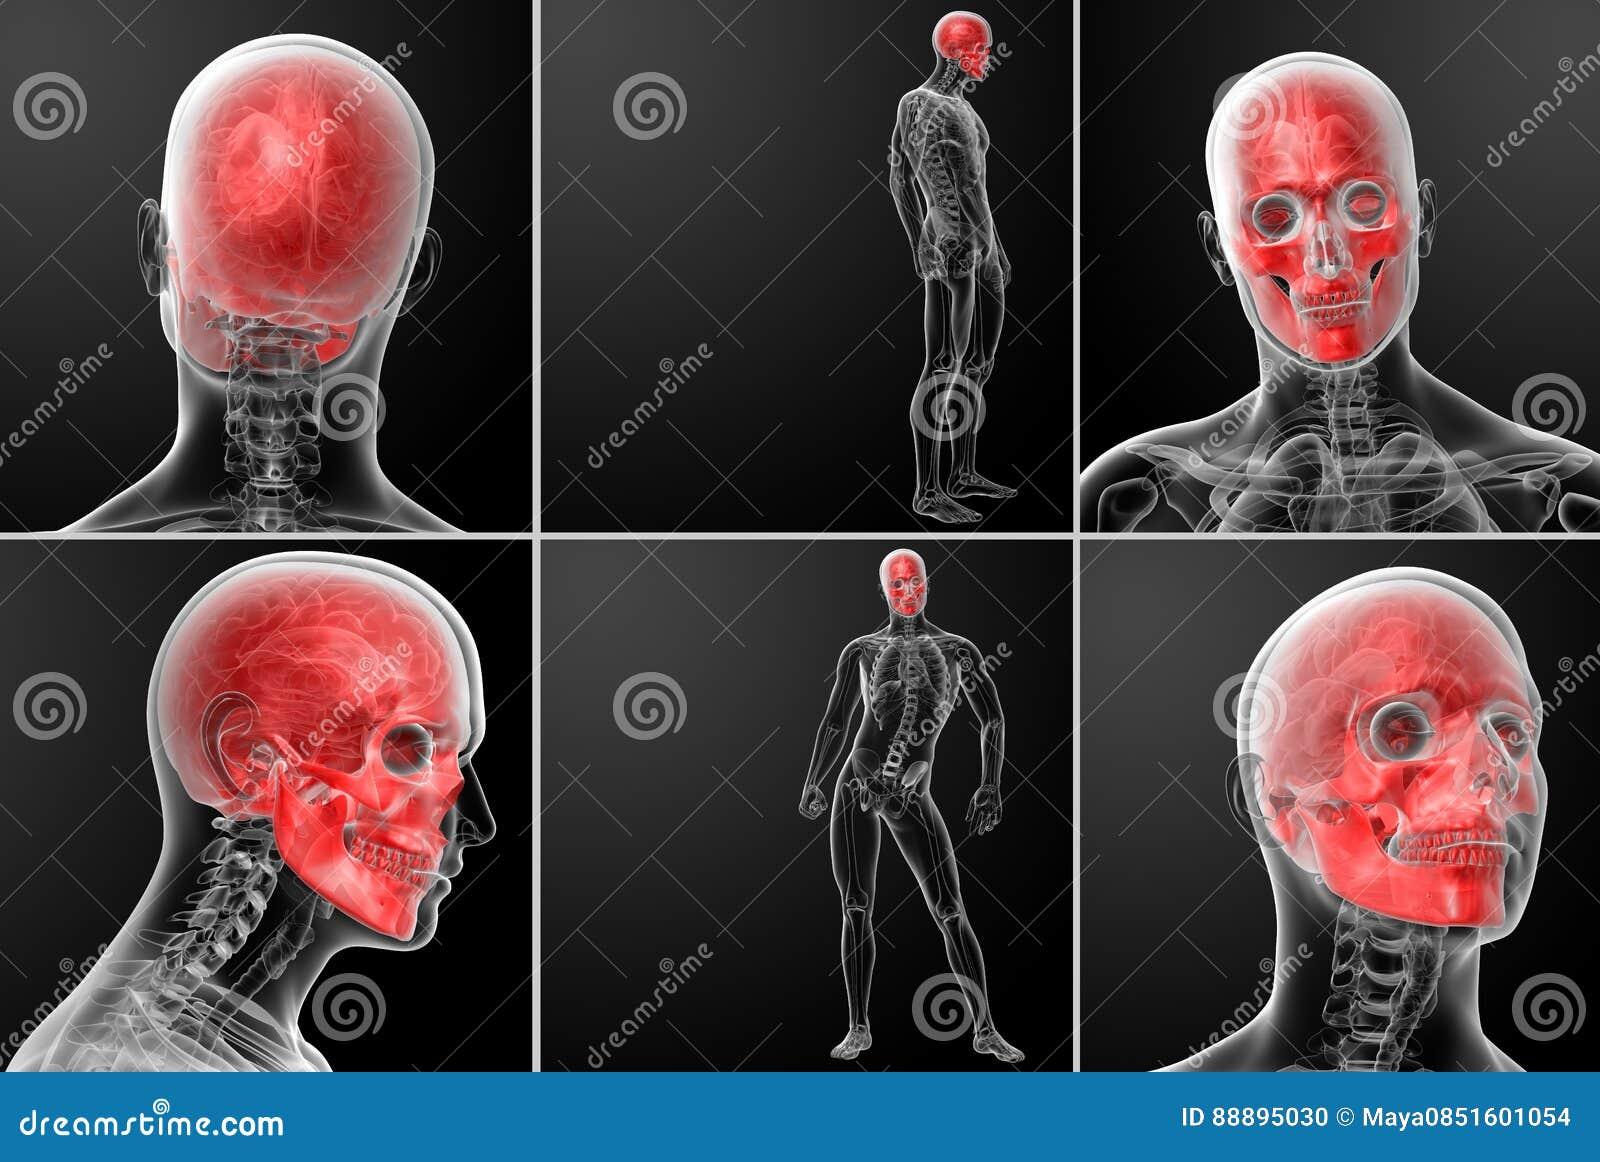 Skull anatomy stock illustration  Illustration of dead - 88895030